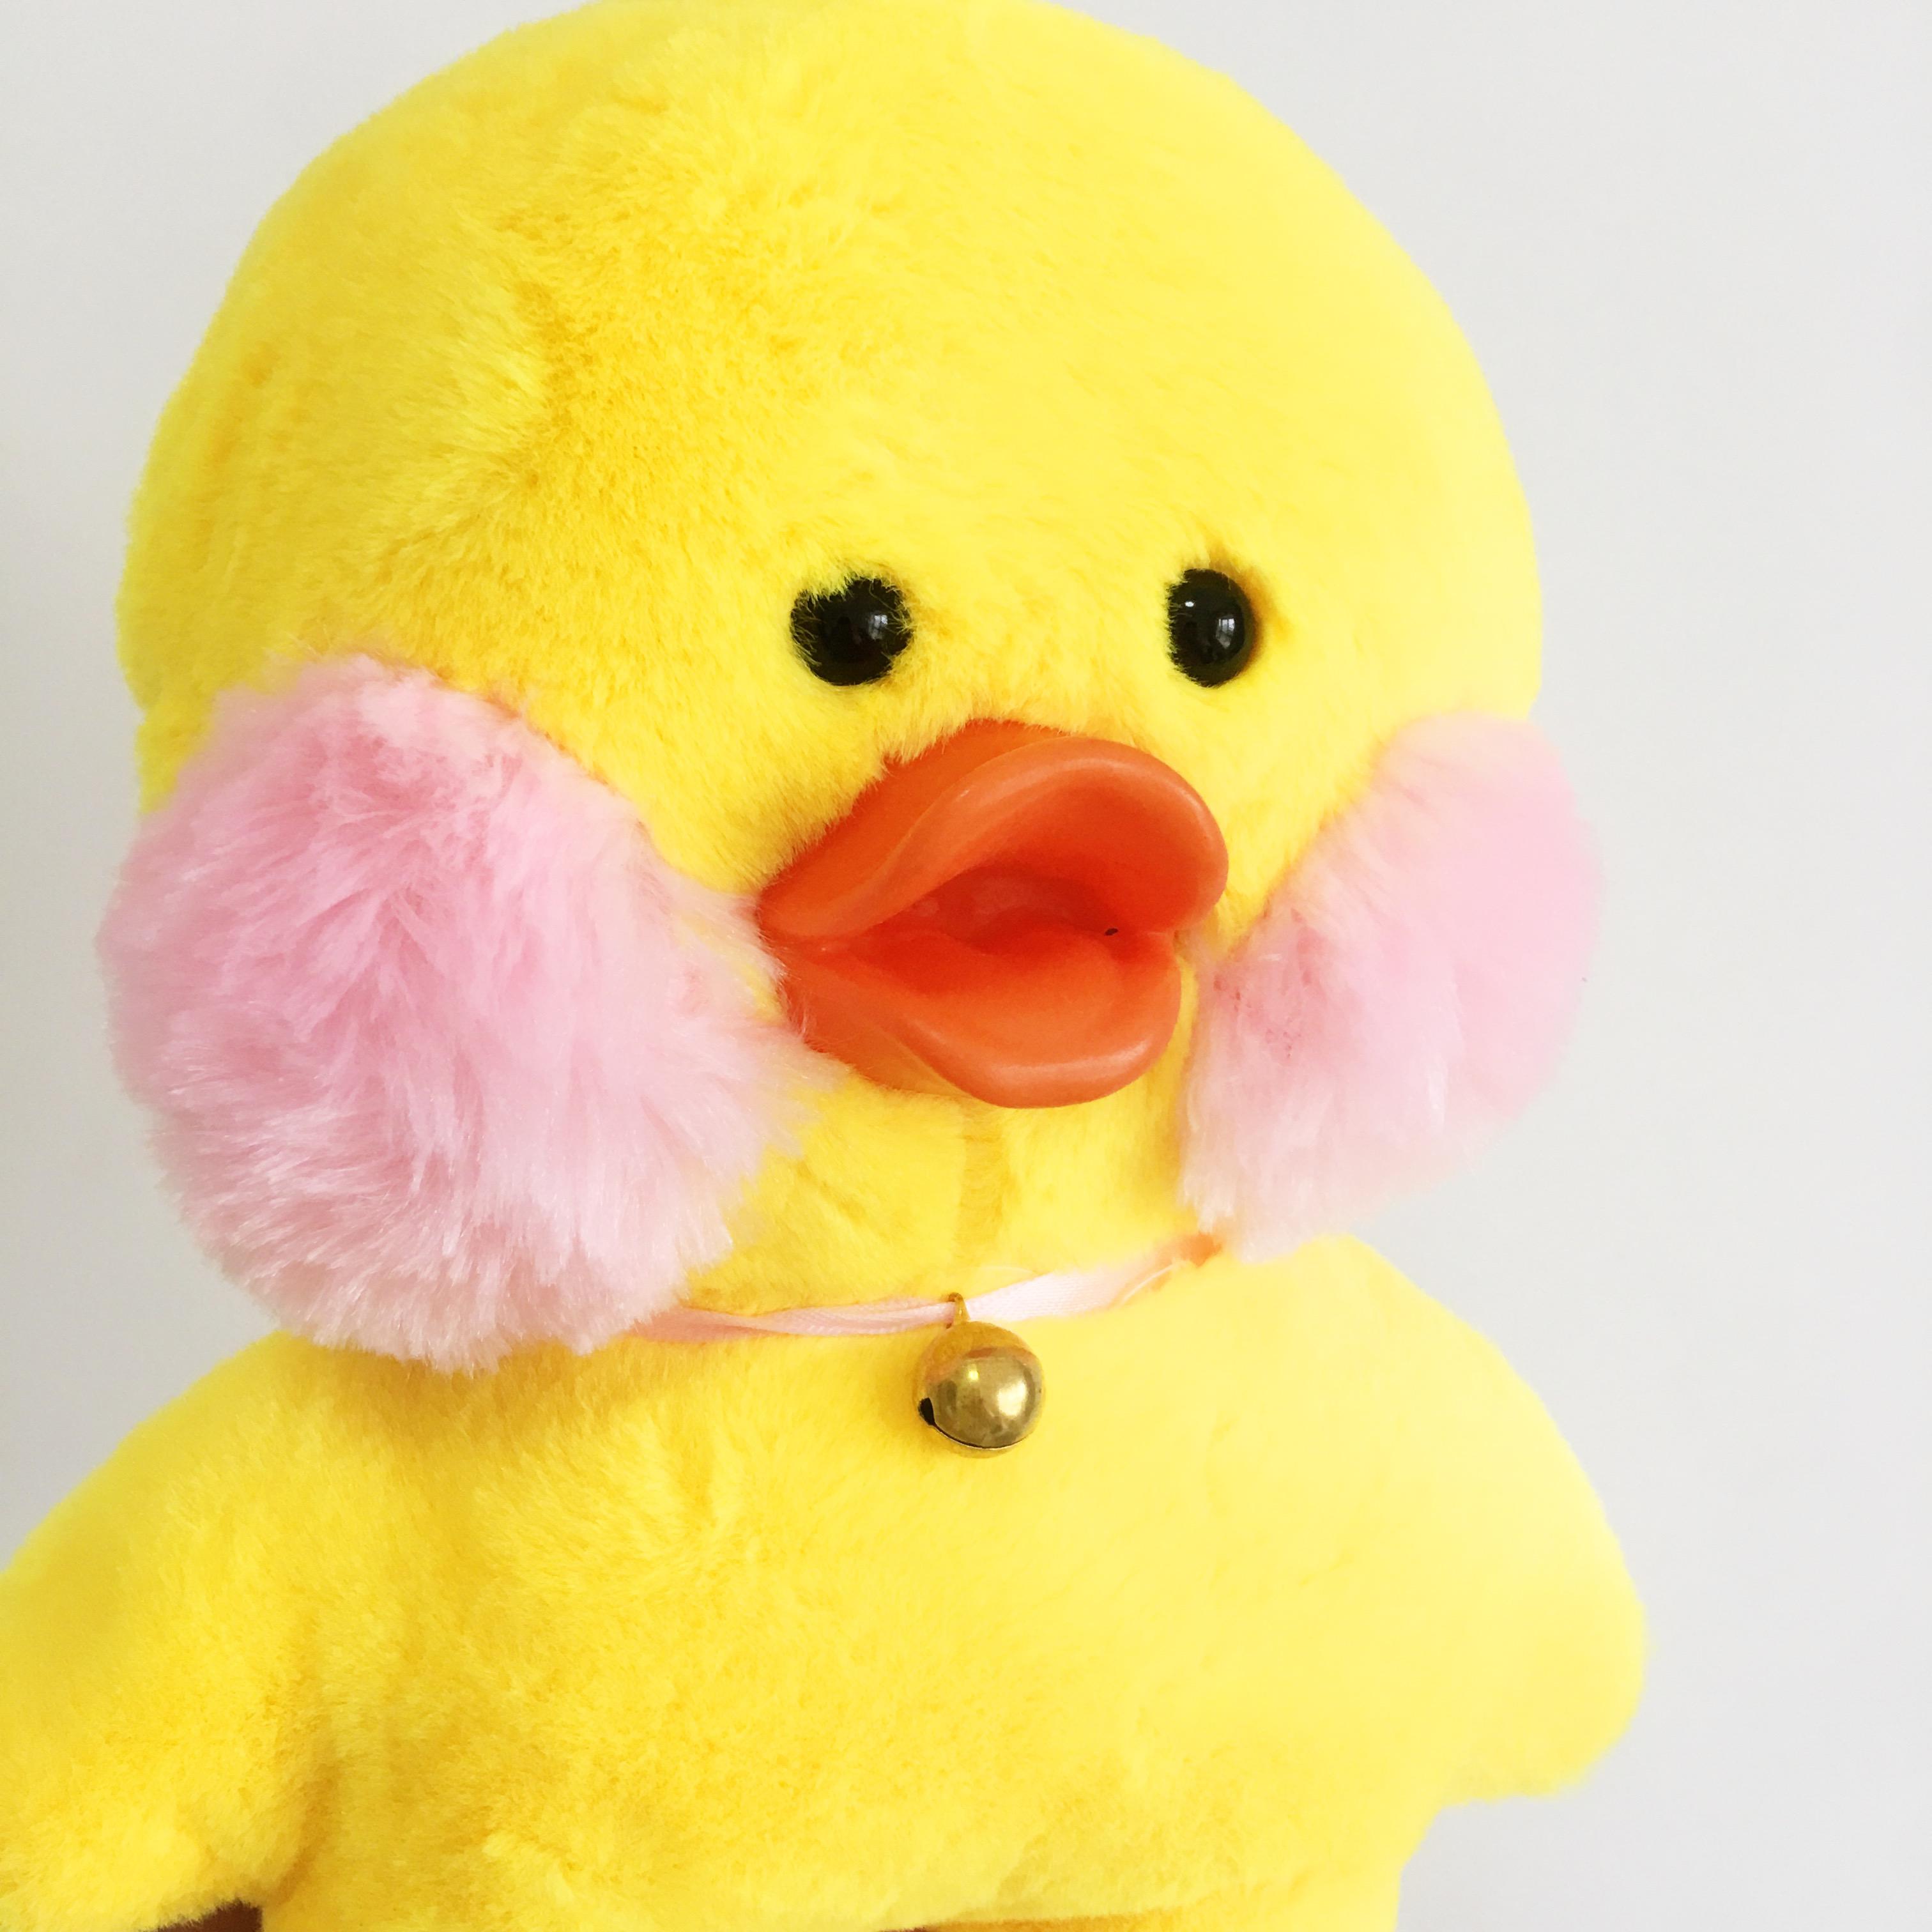 表情 ins鸭表情包 欧美女生头像ins风 ins电脑桌面 扁嘴鸭表情包 搞笑网 表情